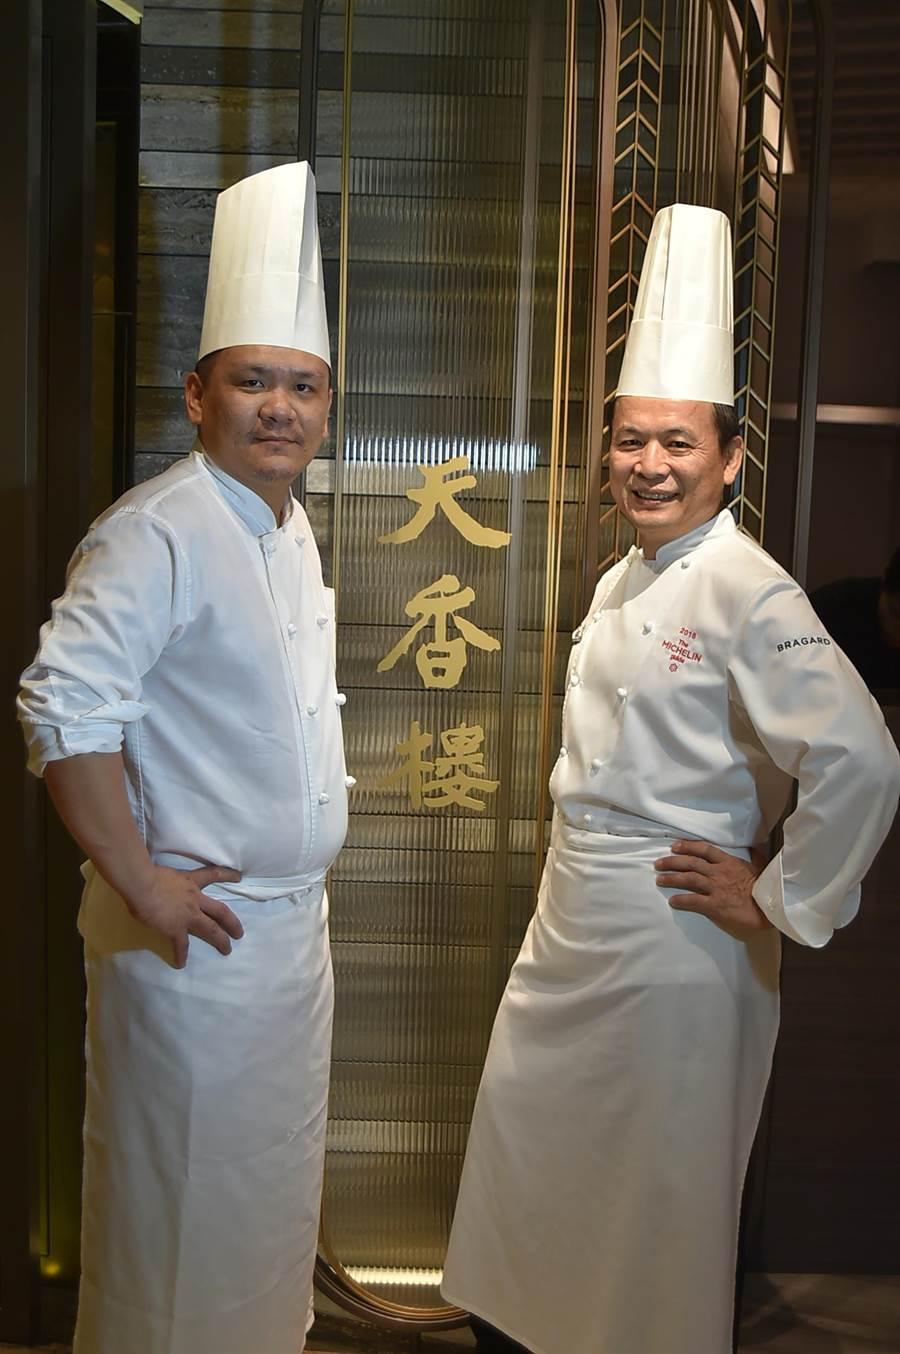 〈天香樓〉配合硬體改裝升級推出全新高檔套餐,並由西餐主廚廖偉立(左)協助〈天香樓〉主廚楊光宗以西餐盤飾技巧設計菜餚。(圖/姚舜)